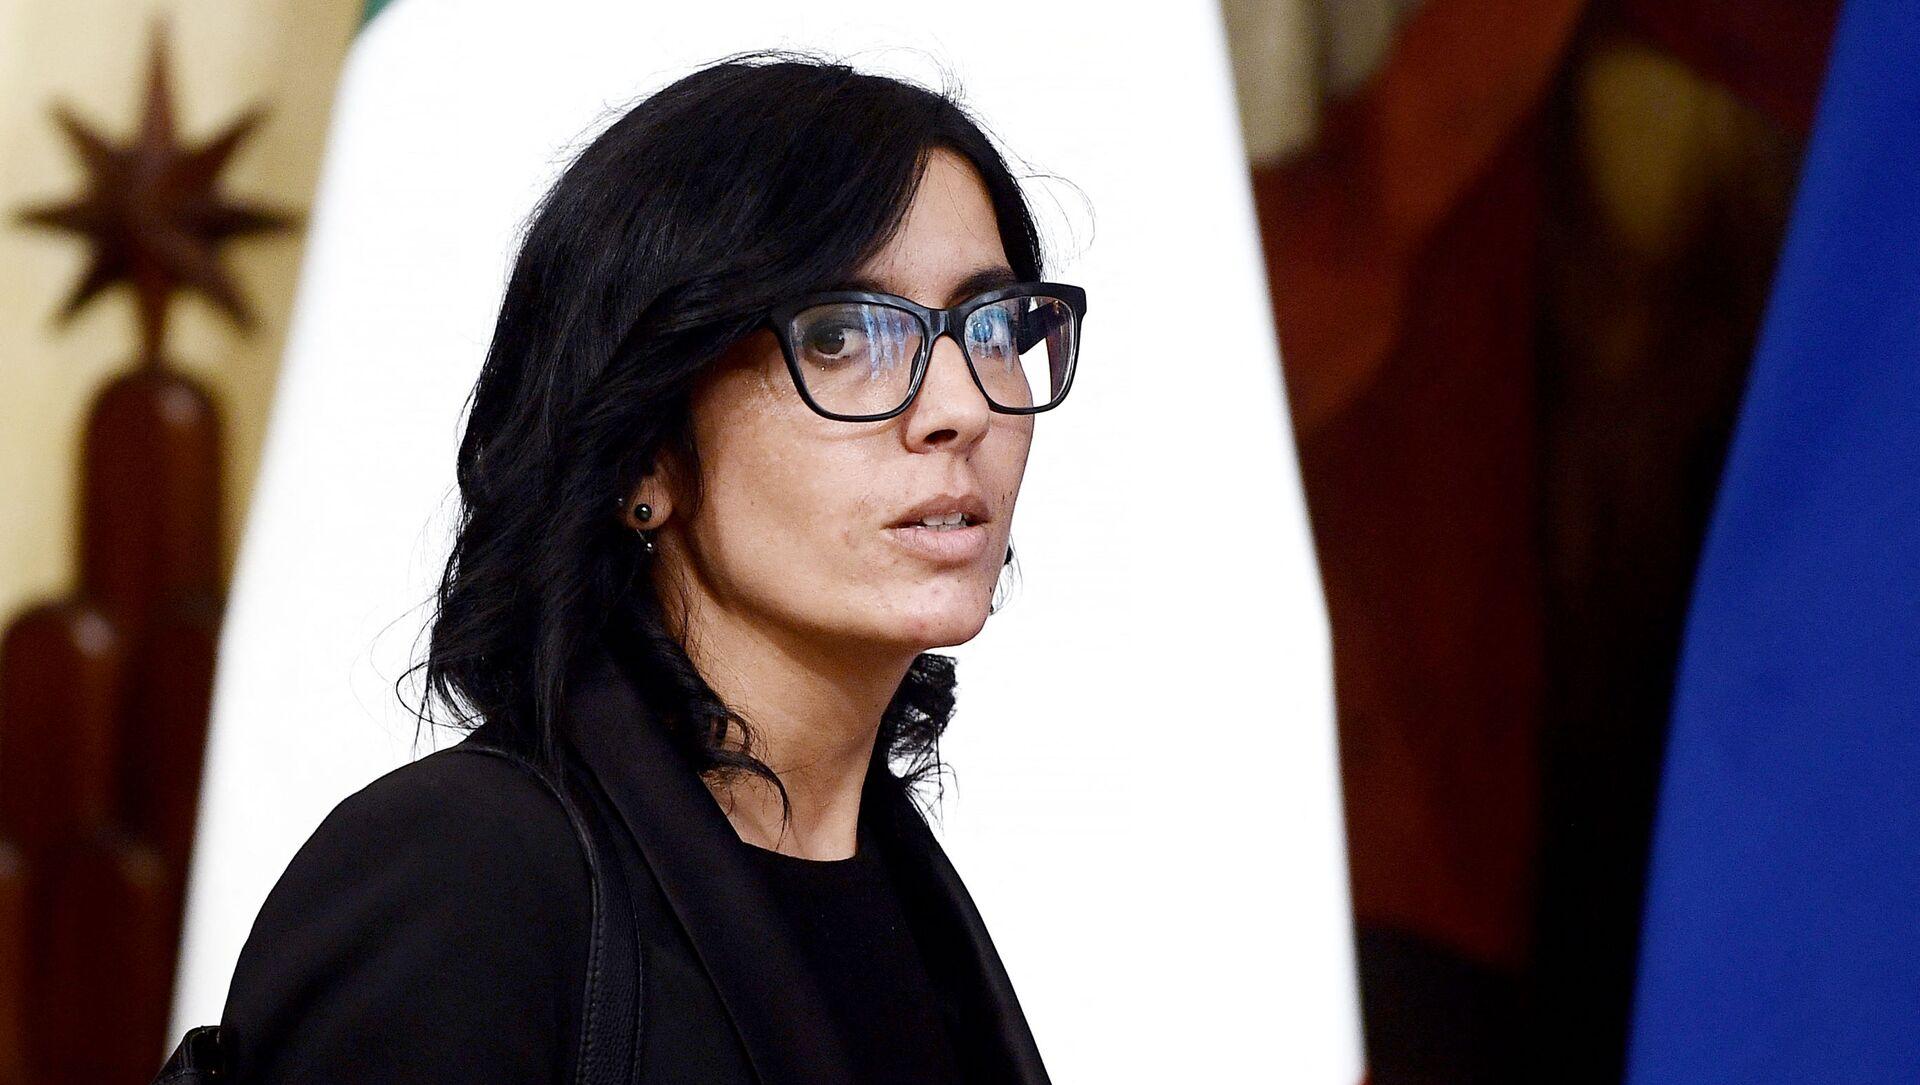 Fabiana Dadone, ministra alle Politiche giovanili - Sputnik Italia, 1920, 04.04.2021